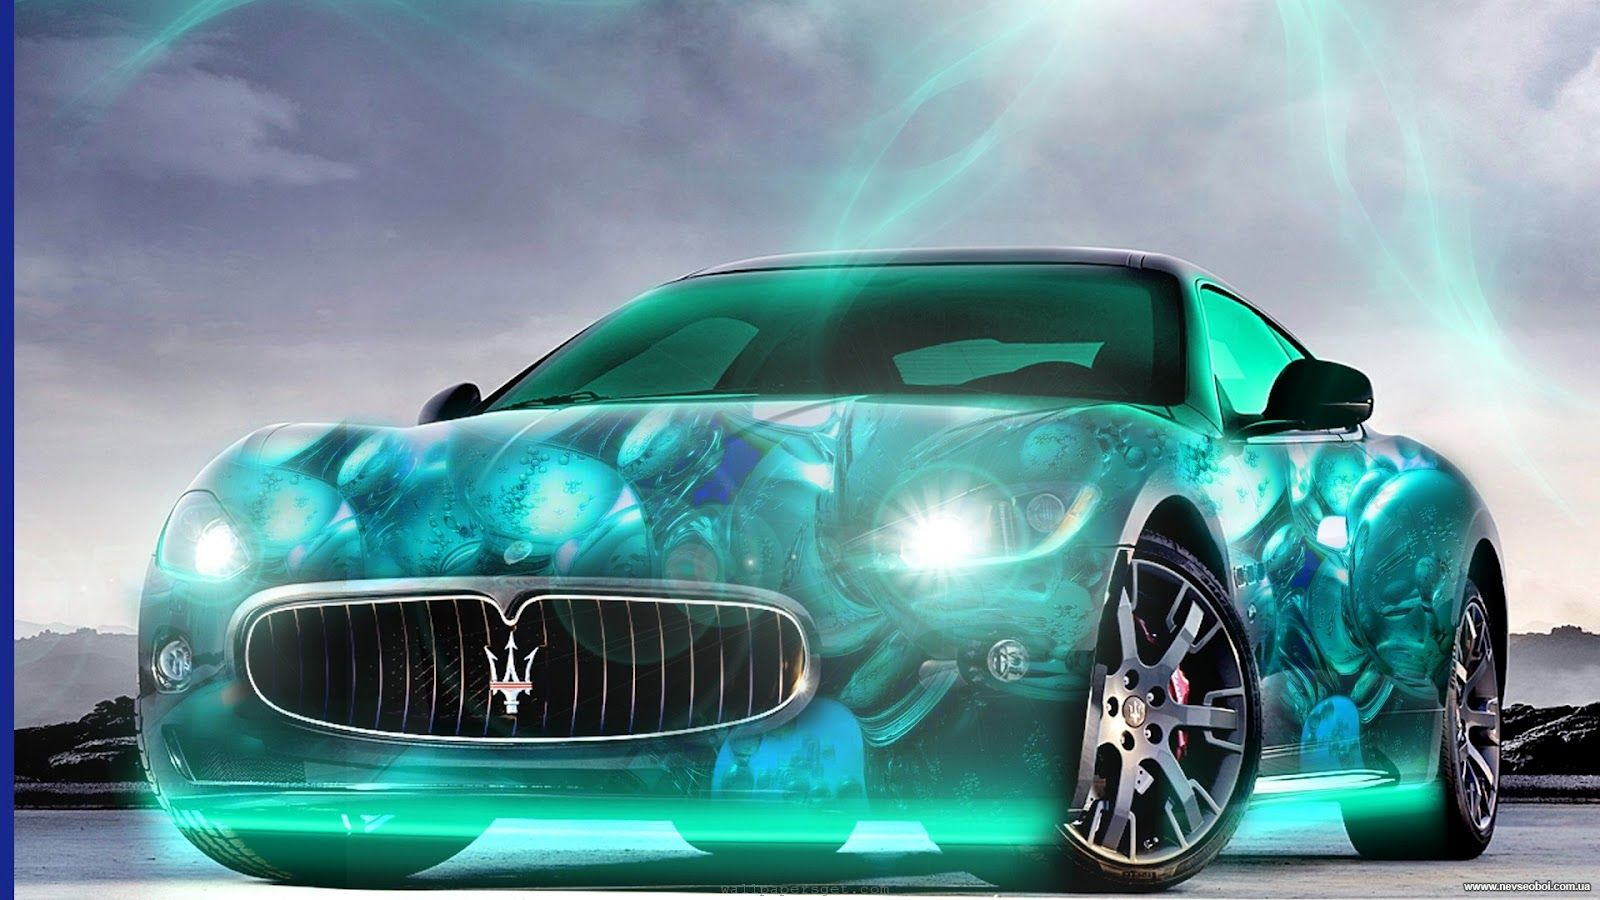 1600x900 hình nền xe hơi 3D